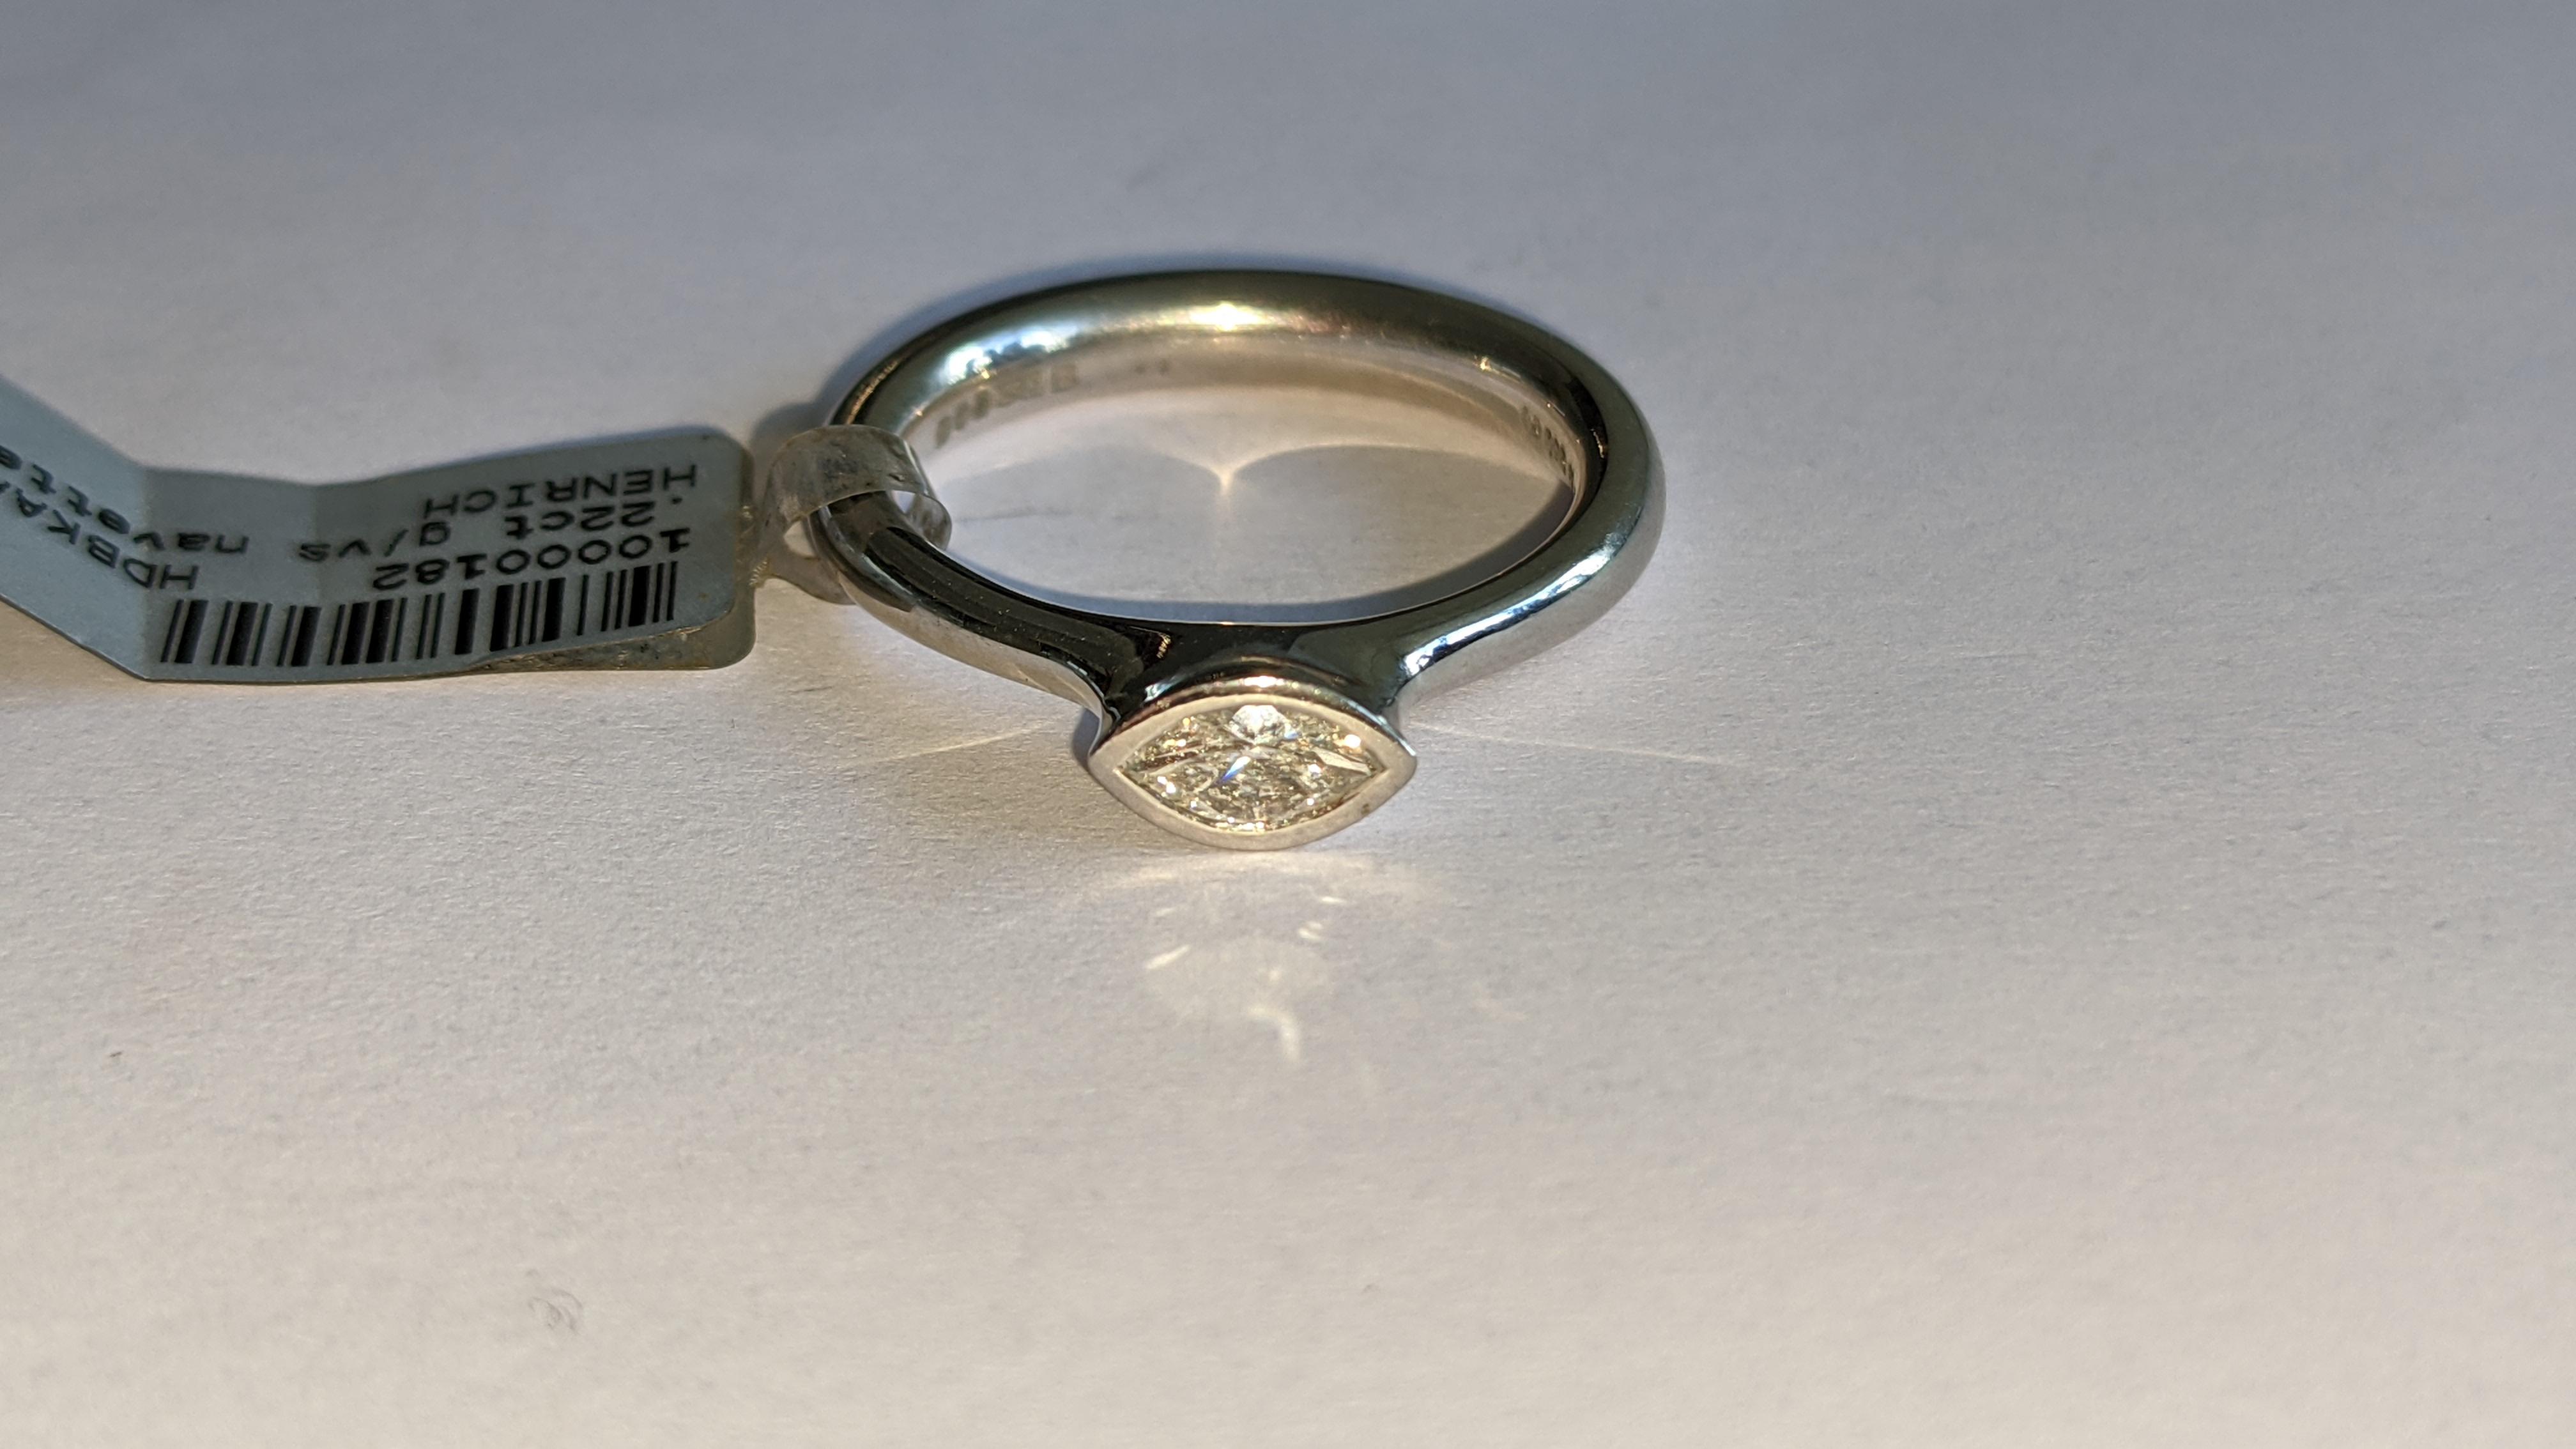 Platinum 950 & diamond ring with 0.22ct of G/VS diamond. RRP £2,502 - Image 6 of 14